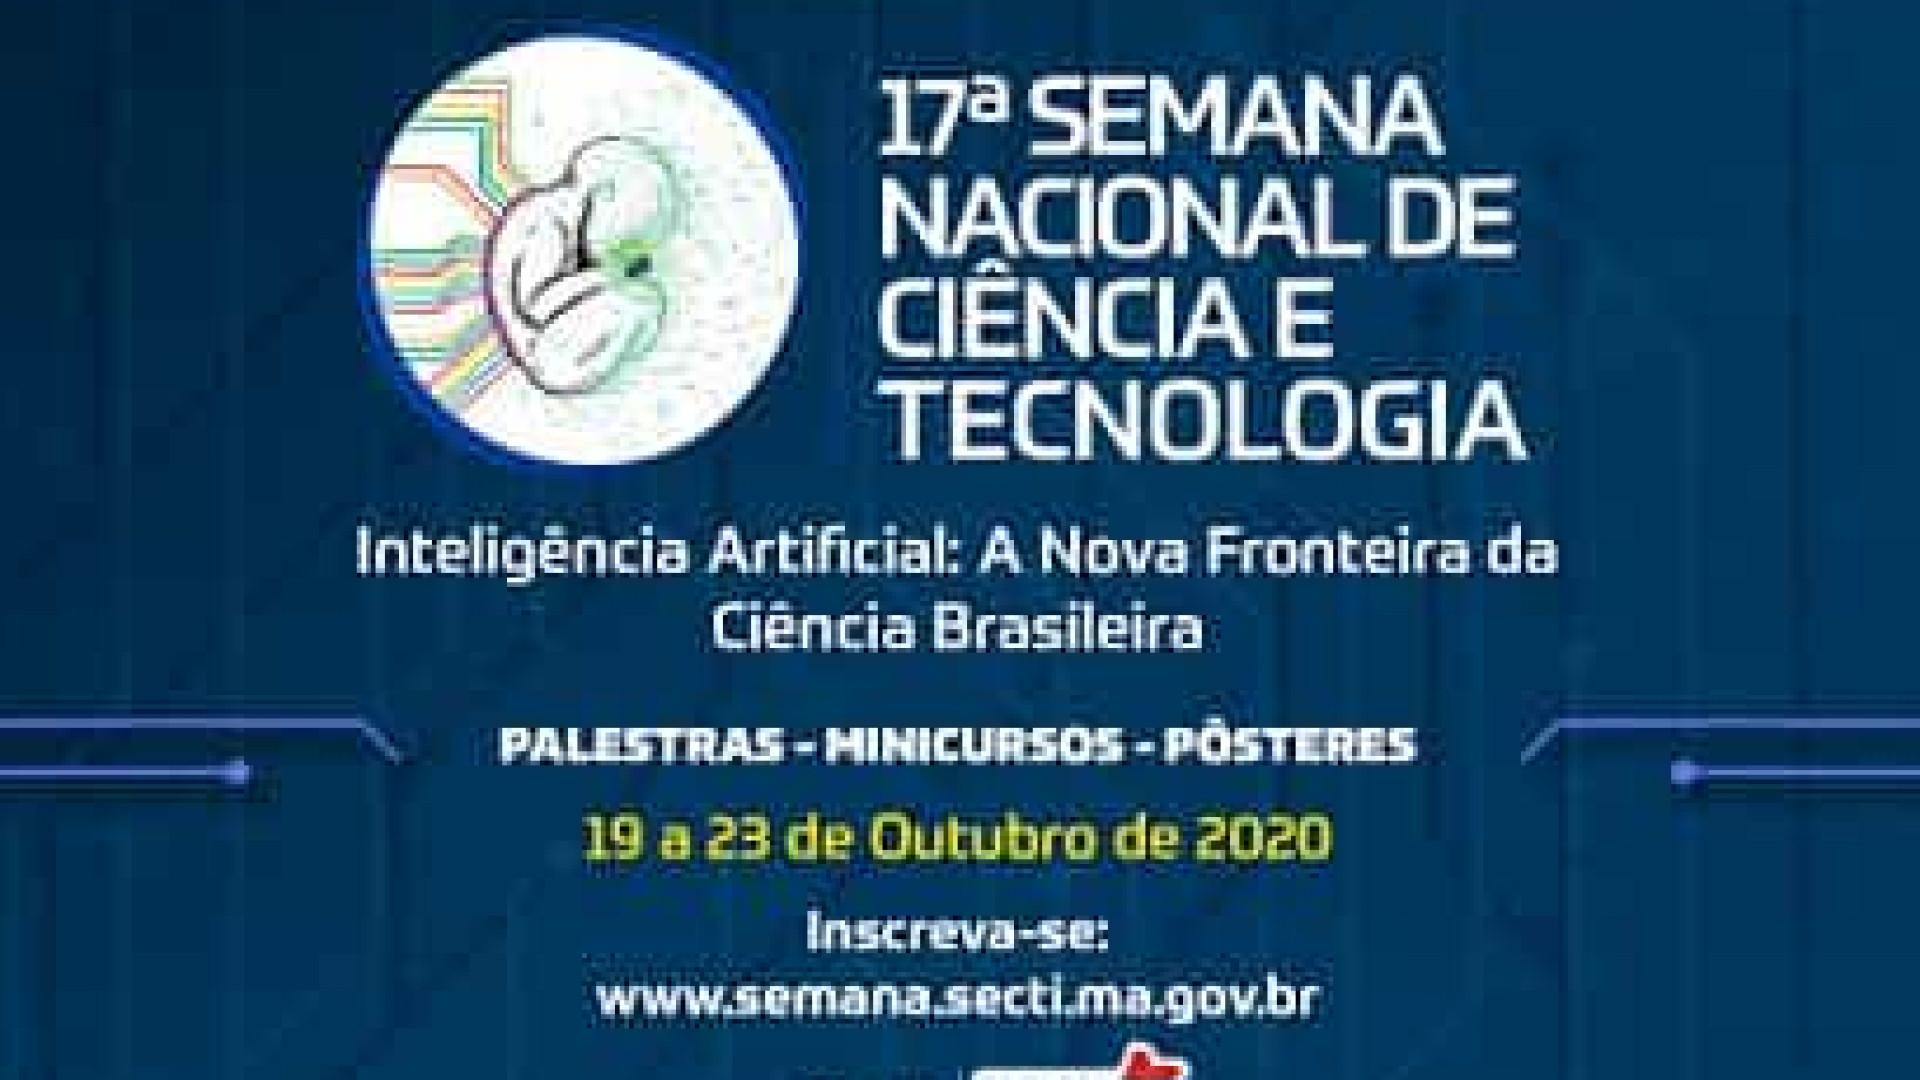 Com 3 mil atividades, começa a Semana Nacional de Ciência e Tecnologia